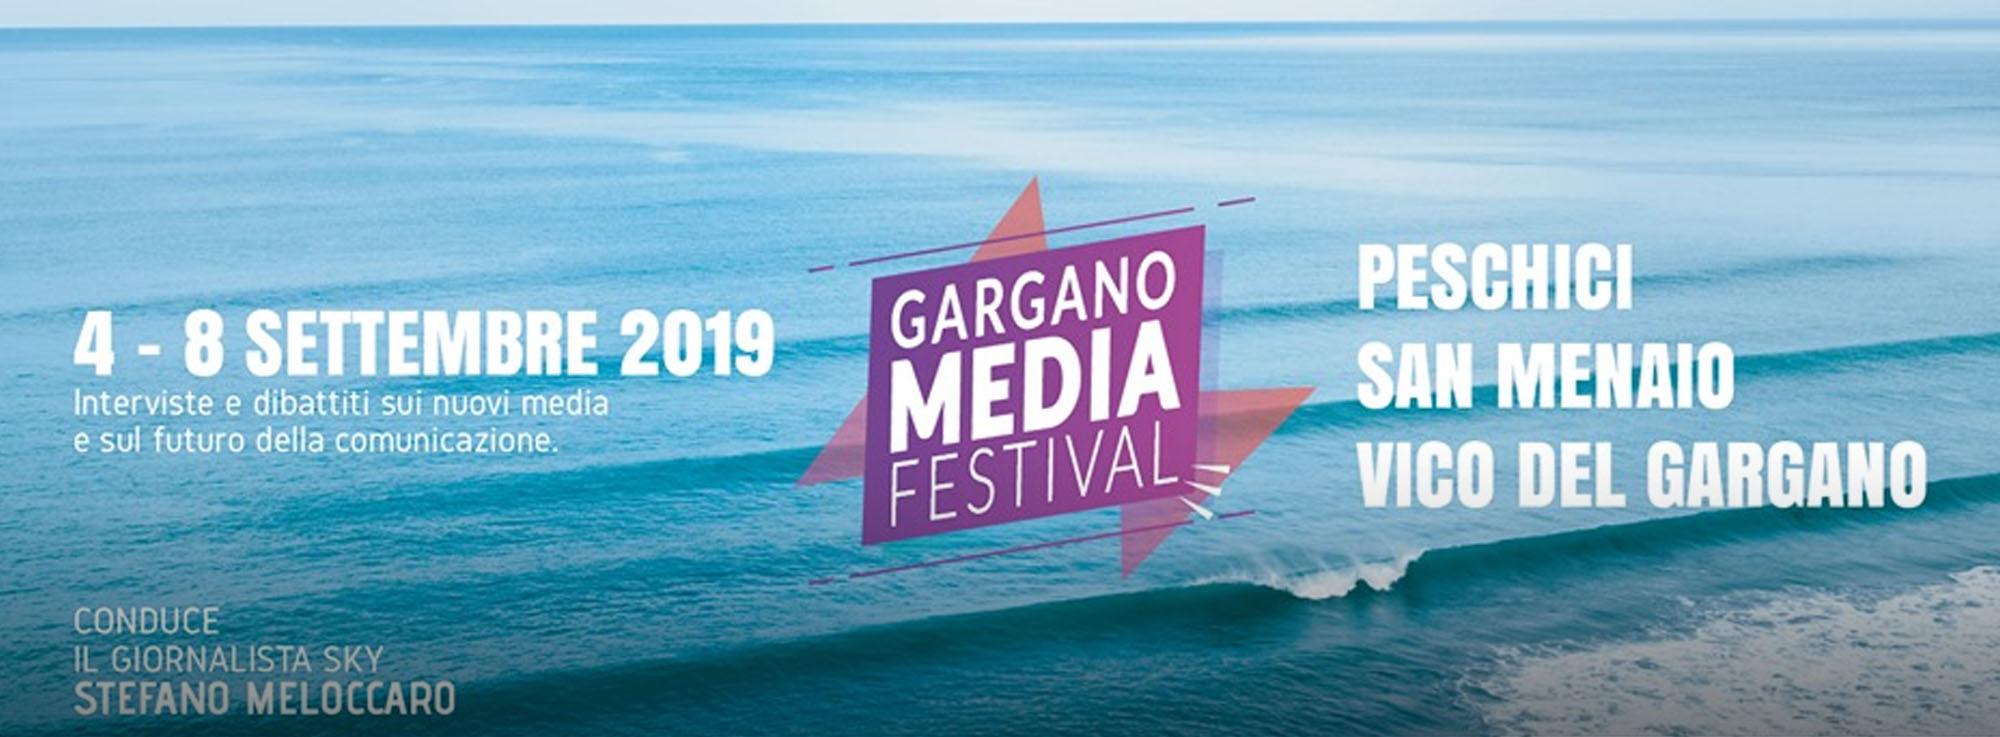 Peschici, Vico del Gargano, San Menaio: Gargano Media Festival